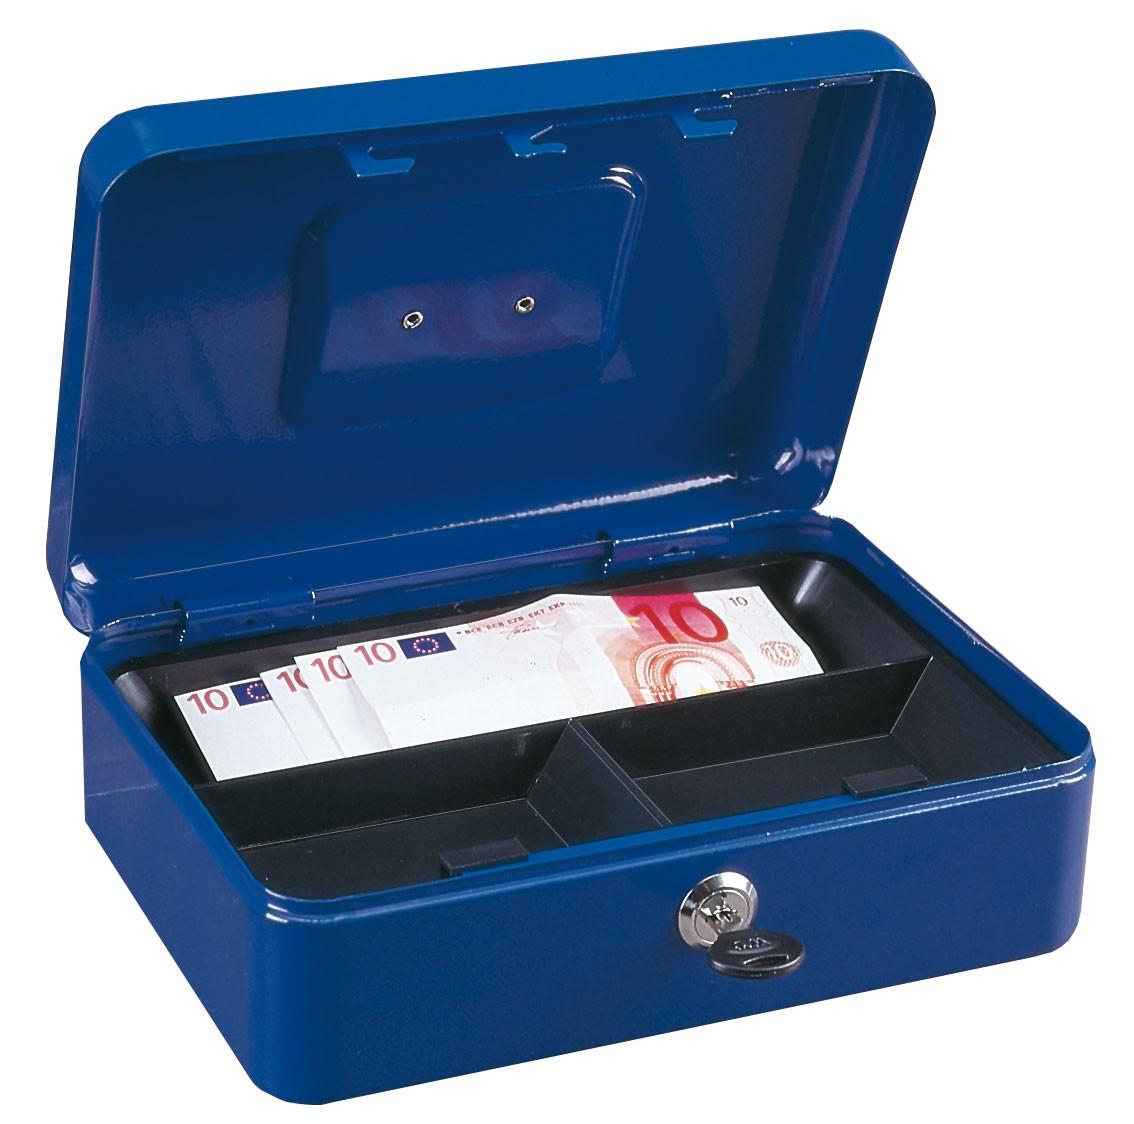 Rottner Geldkassette Traun 3 blau 90x250x185mm Bild 1